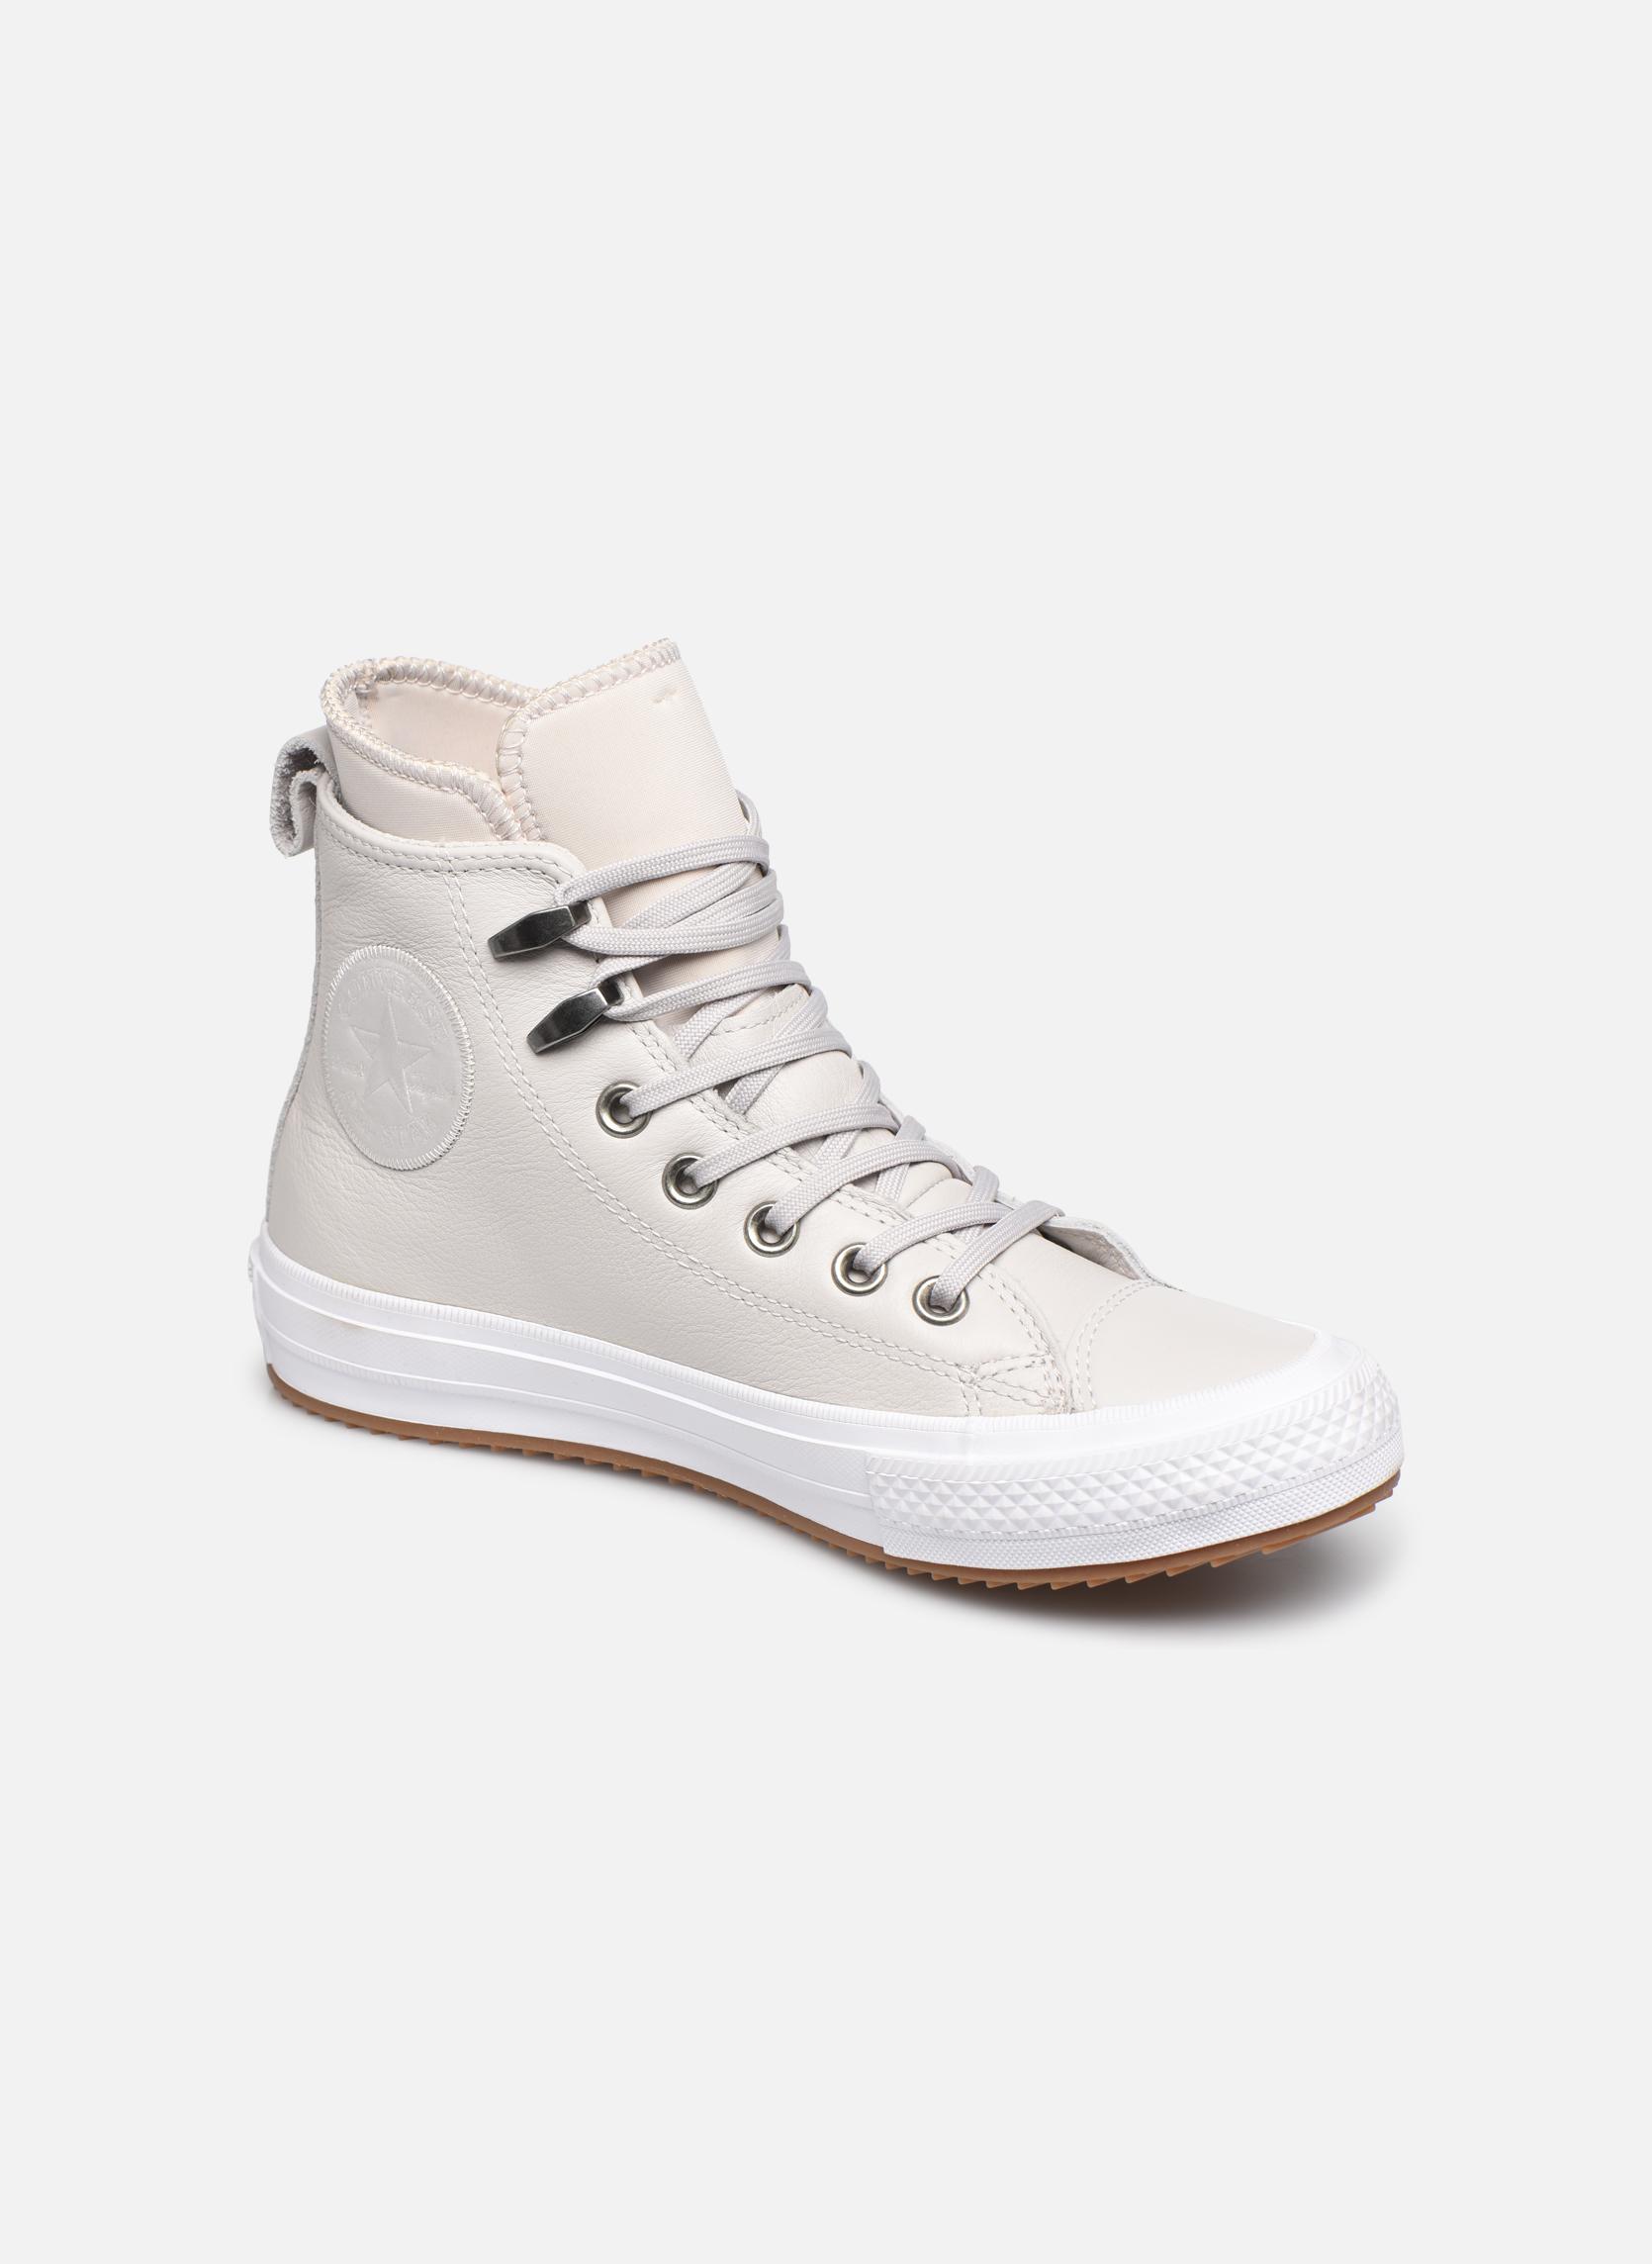 Grandes descuentos últimos zapatos Converse Chuck Taylor WP Boot WP Leather Hi (Gris) - Deportivas Descuento